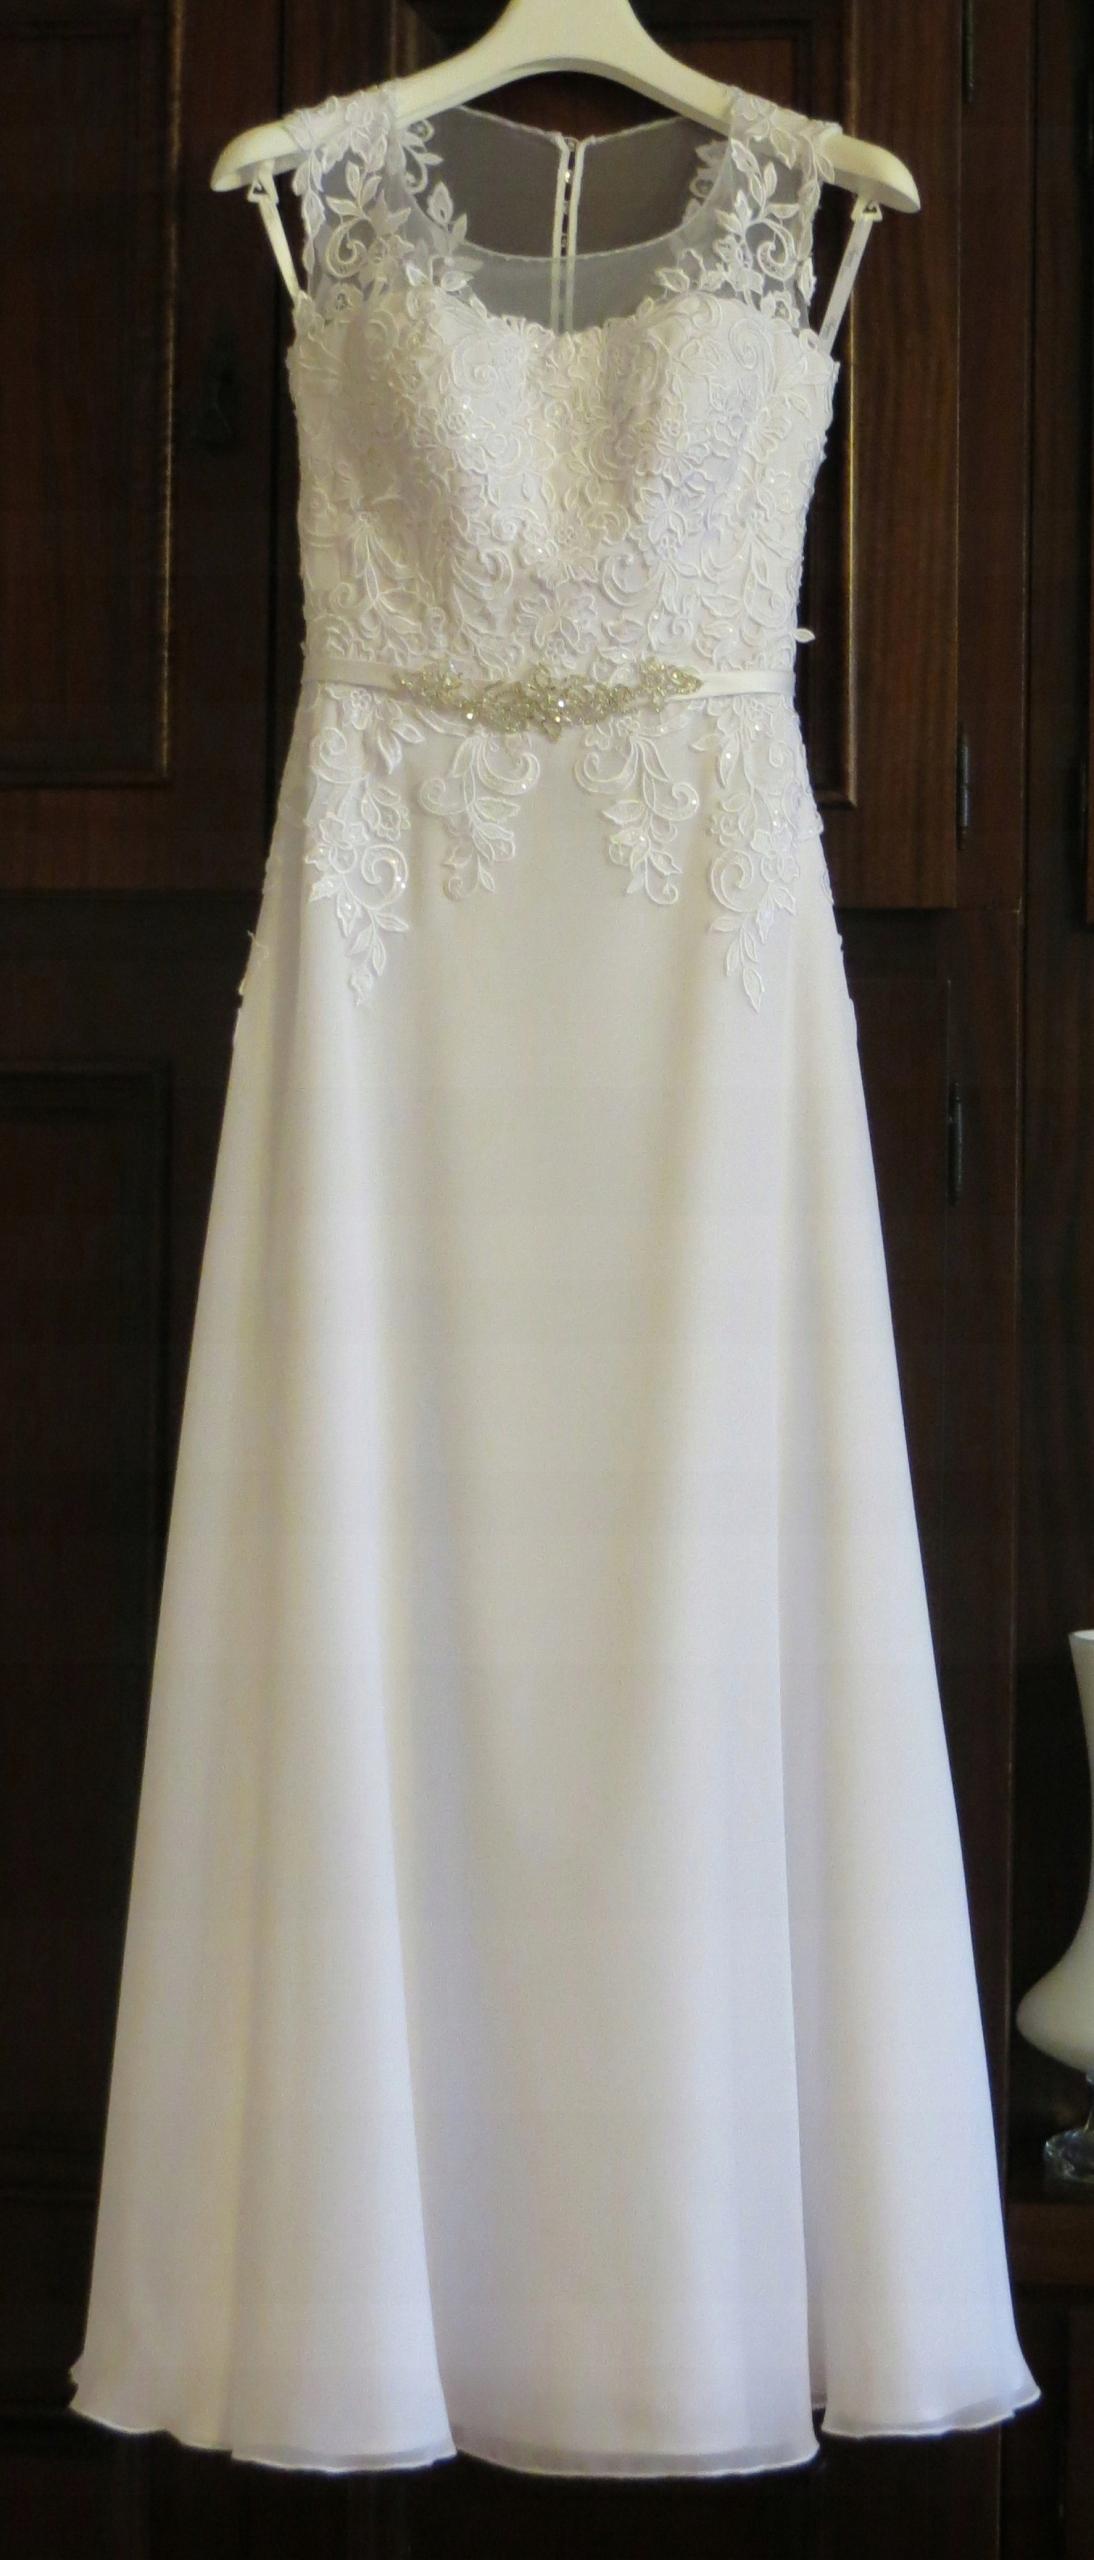 2d53e16100 Suknia ślubna Agnes - 7468460631 - oficjalne archiwum allegro